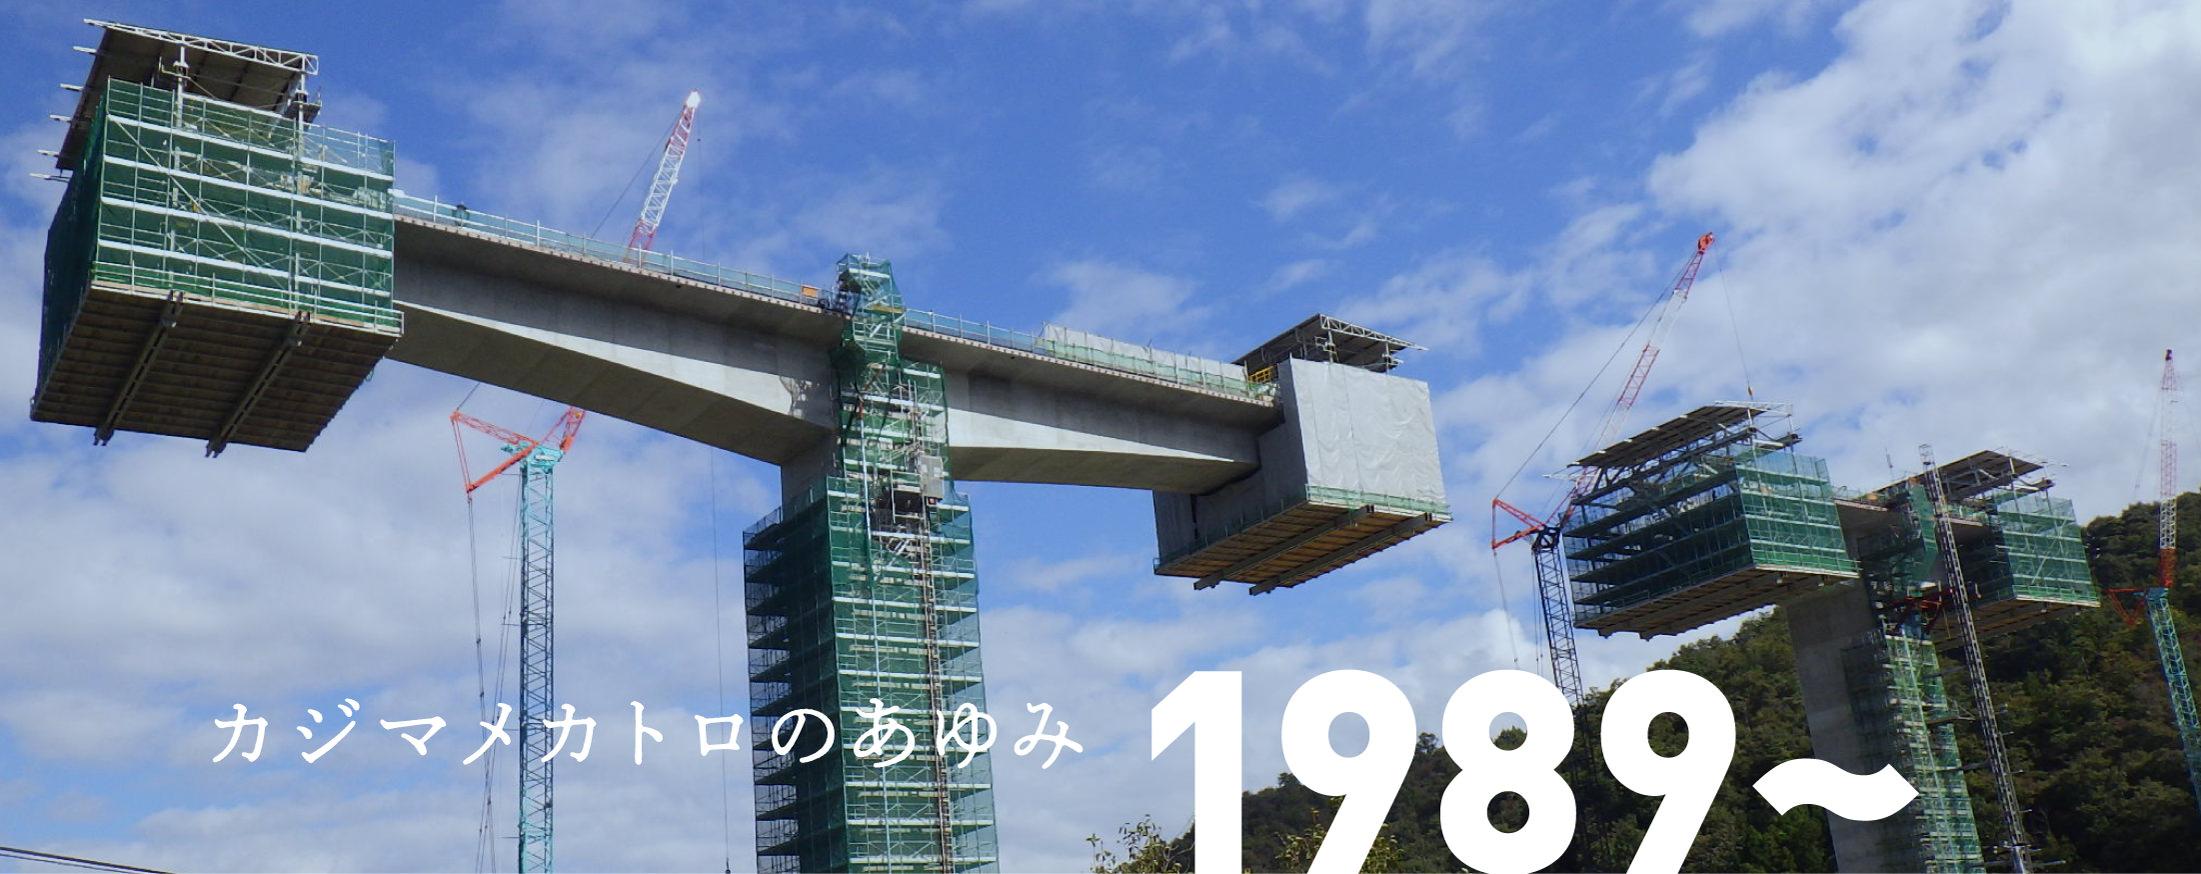 カジマメカトロのあゆみ 1989~